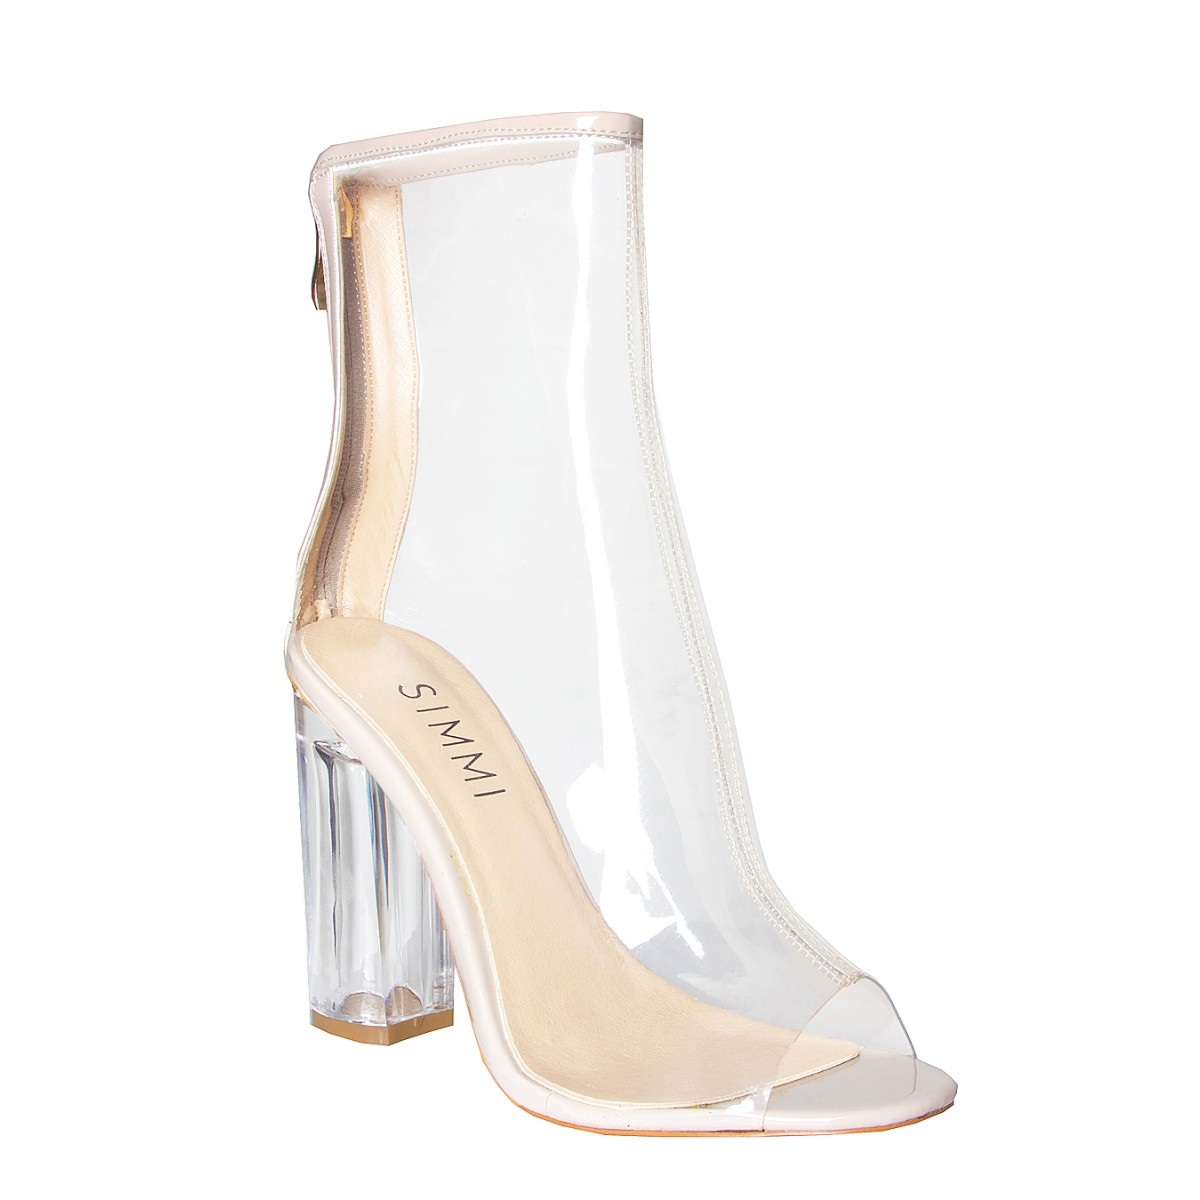 Melissa Nude Peep Toe Perspex Heel Ankle Boots   Simmi Shoes